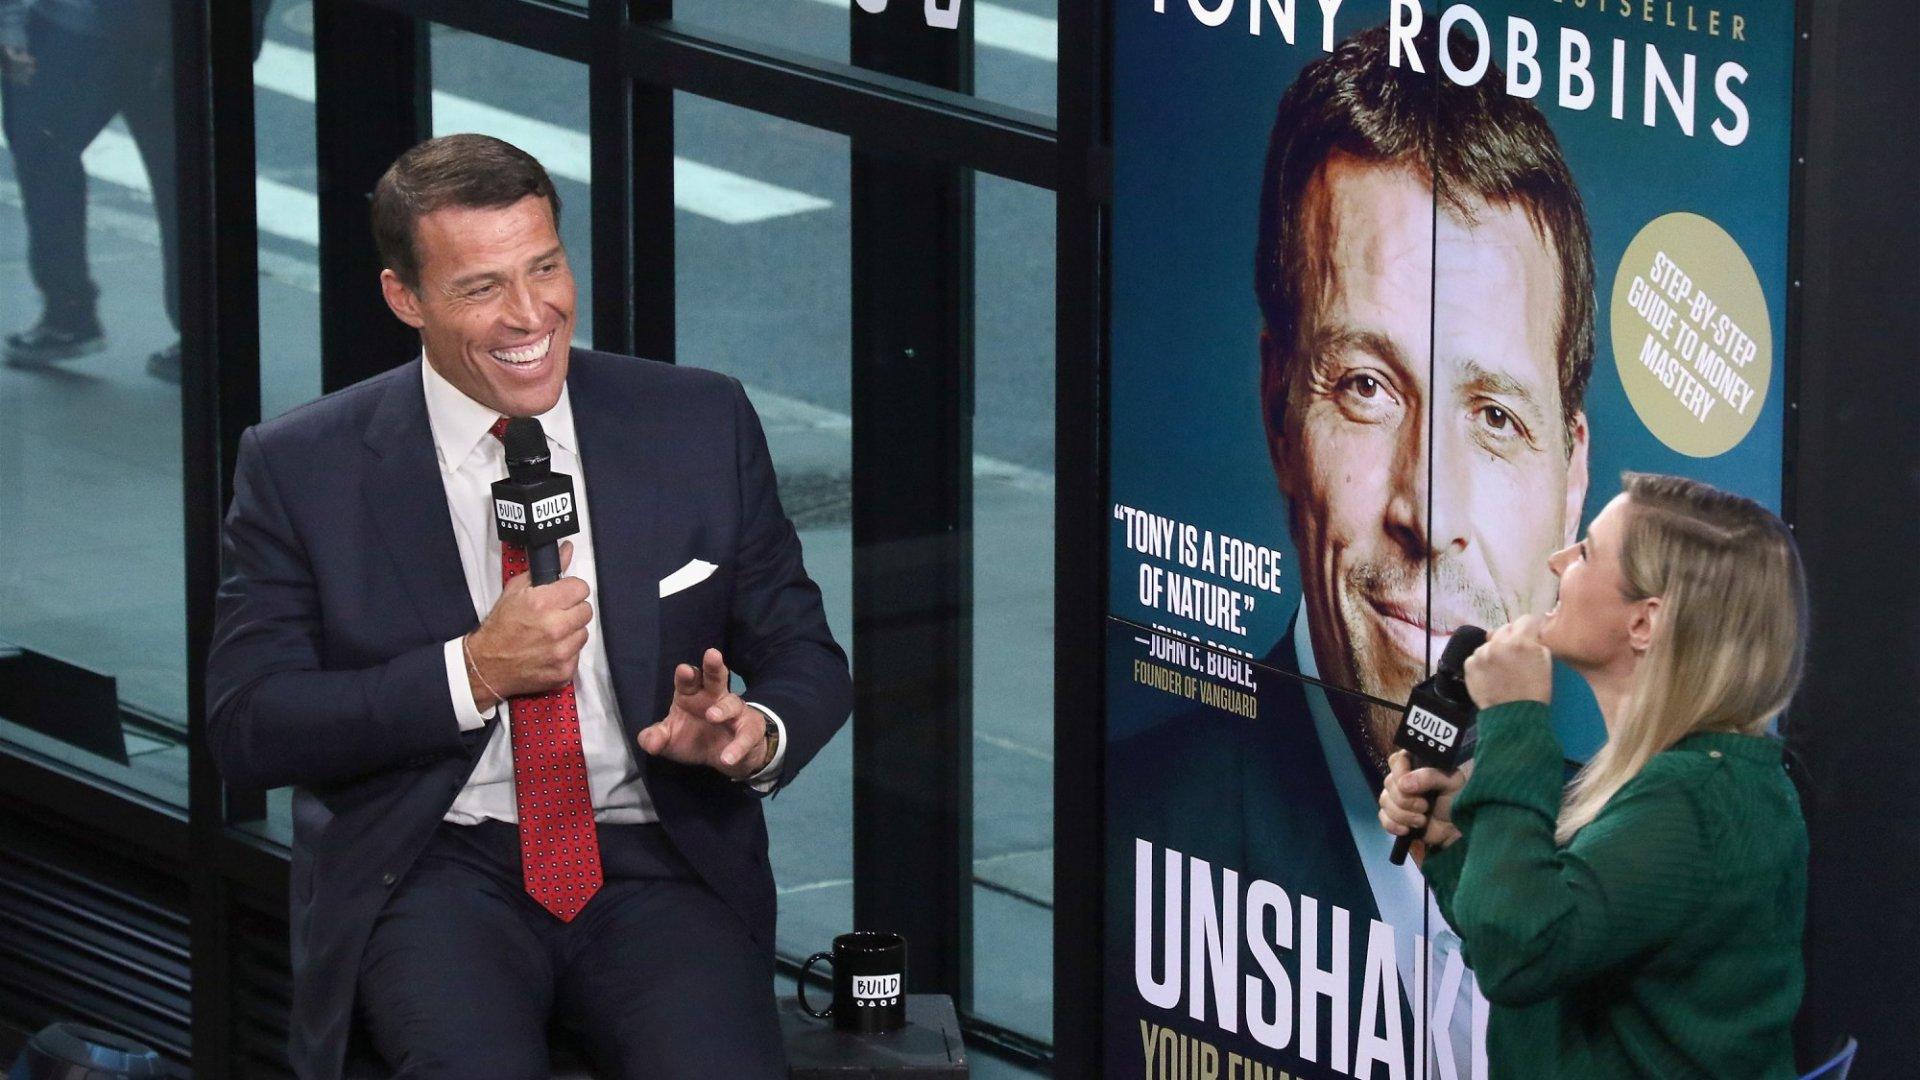 Tony Robbins: The Secret to Living an Extraordinary Life